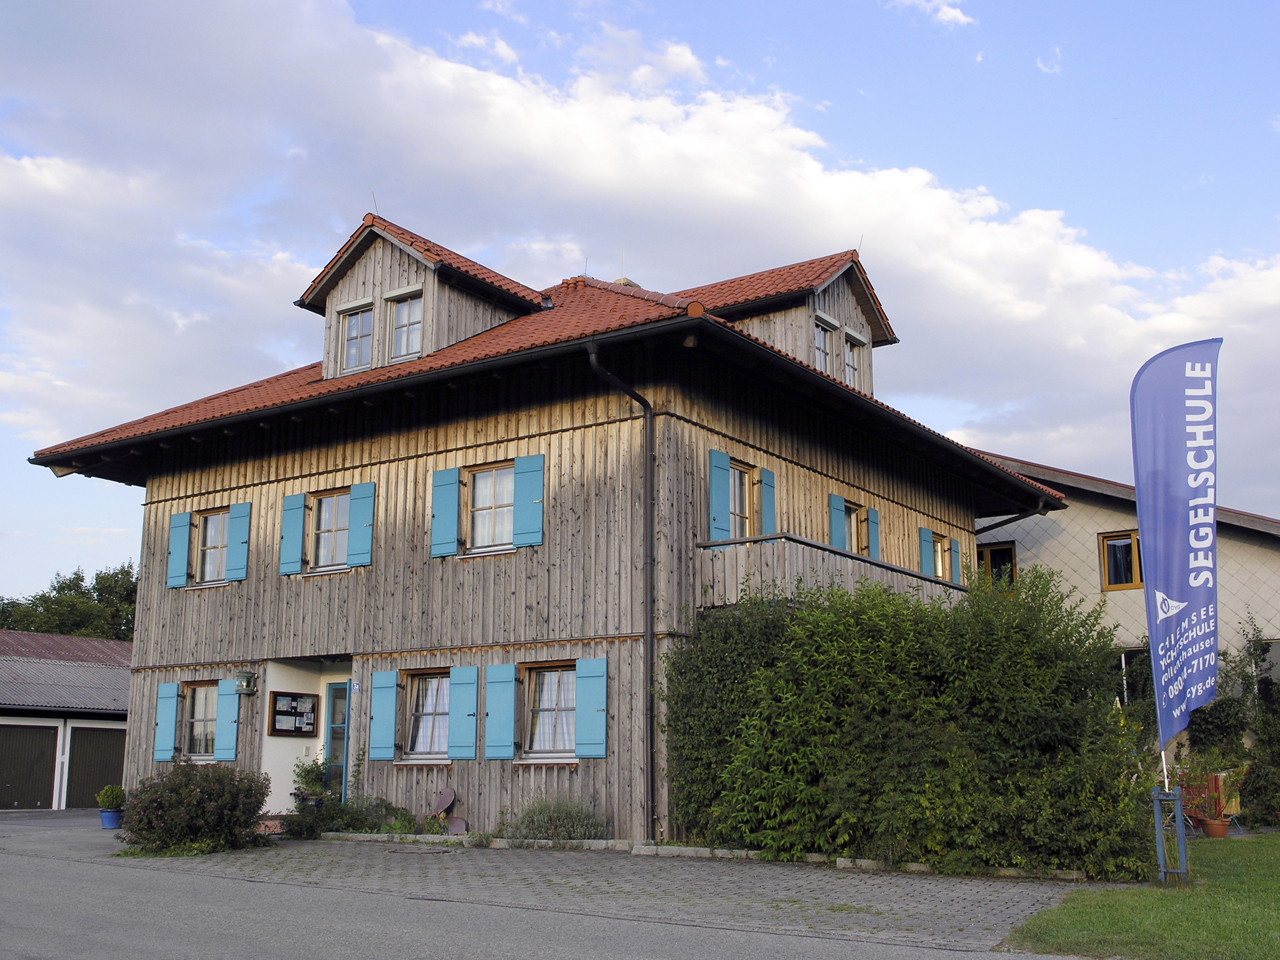 Seminar building Schunck in Gollenshausen (Foto: © Ulli Reiter)